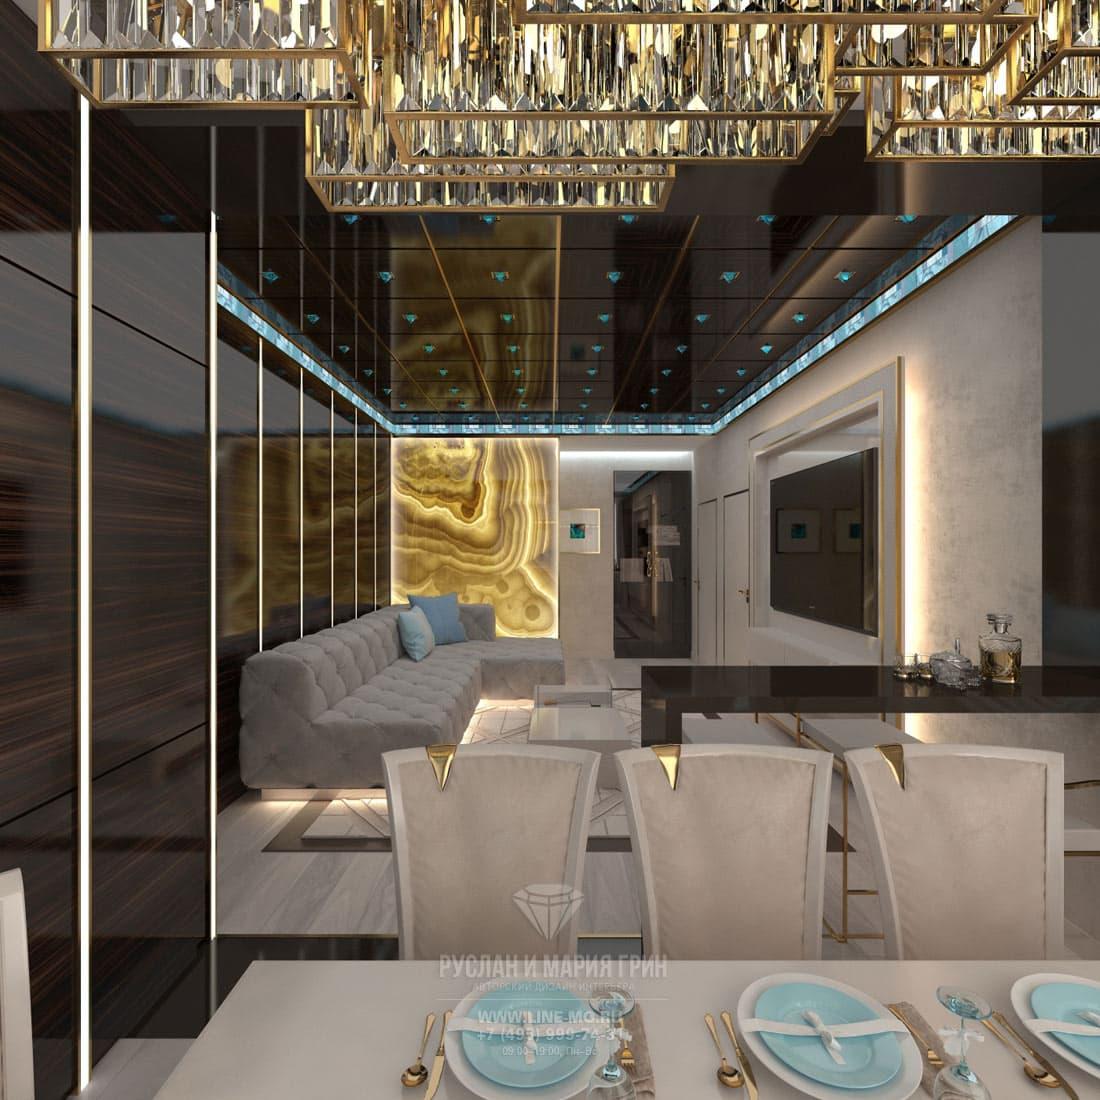 Дизайн гостиной, совмещенной с кухней. Фото квартиры в стиле ар-деко